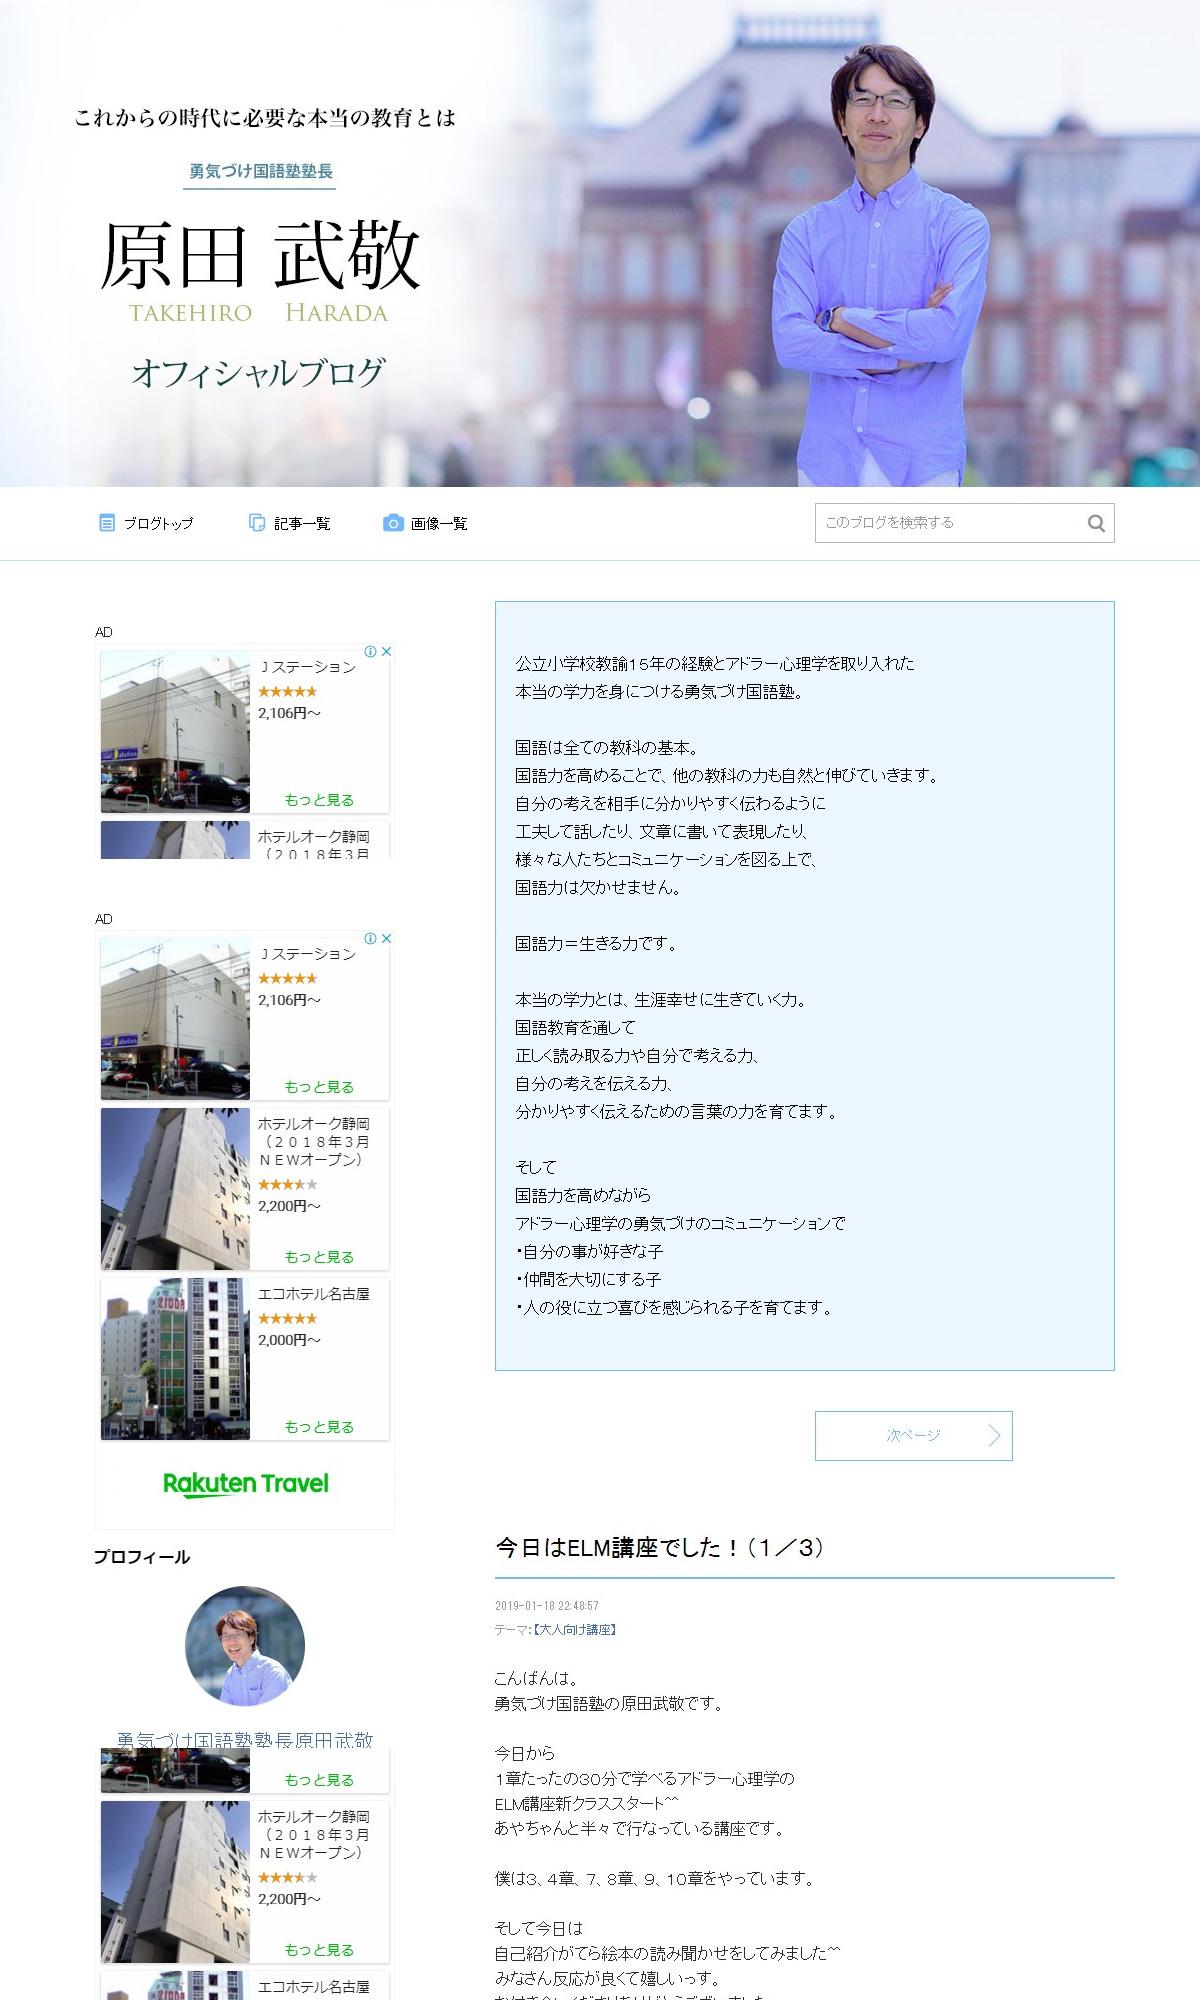 原田武敬 オフィシャルブログ